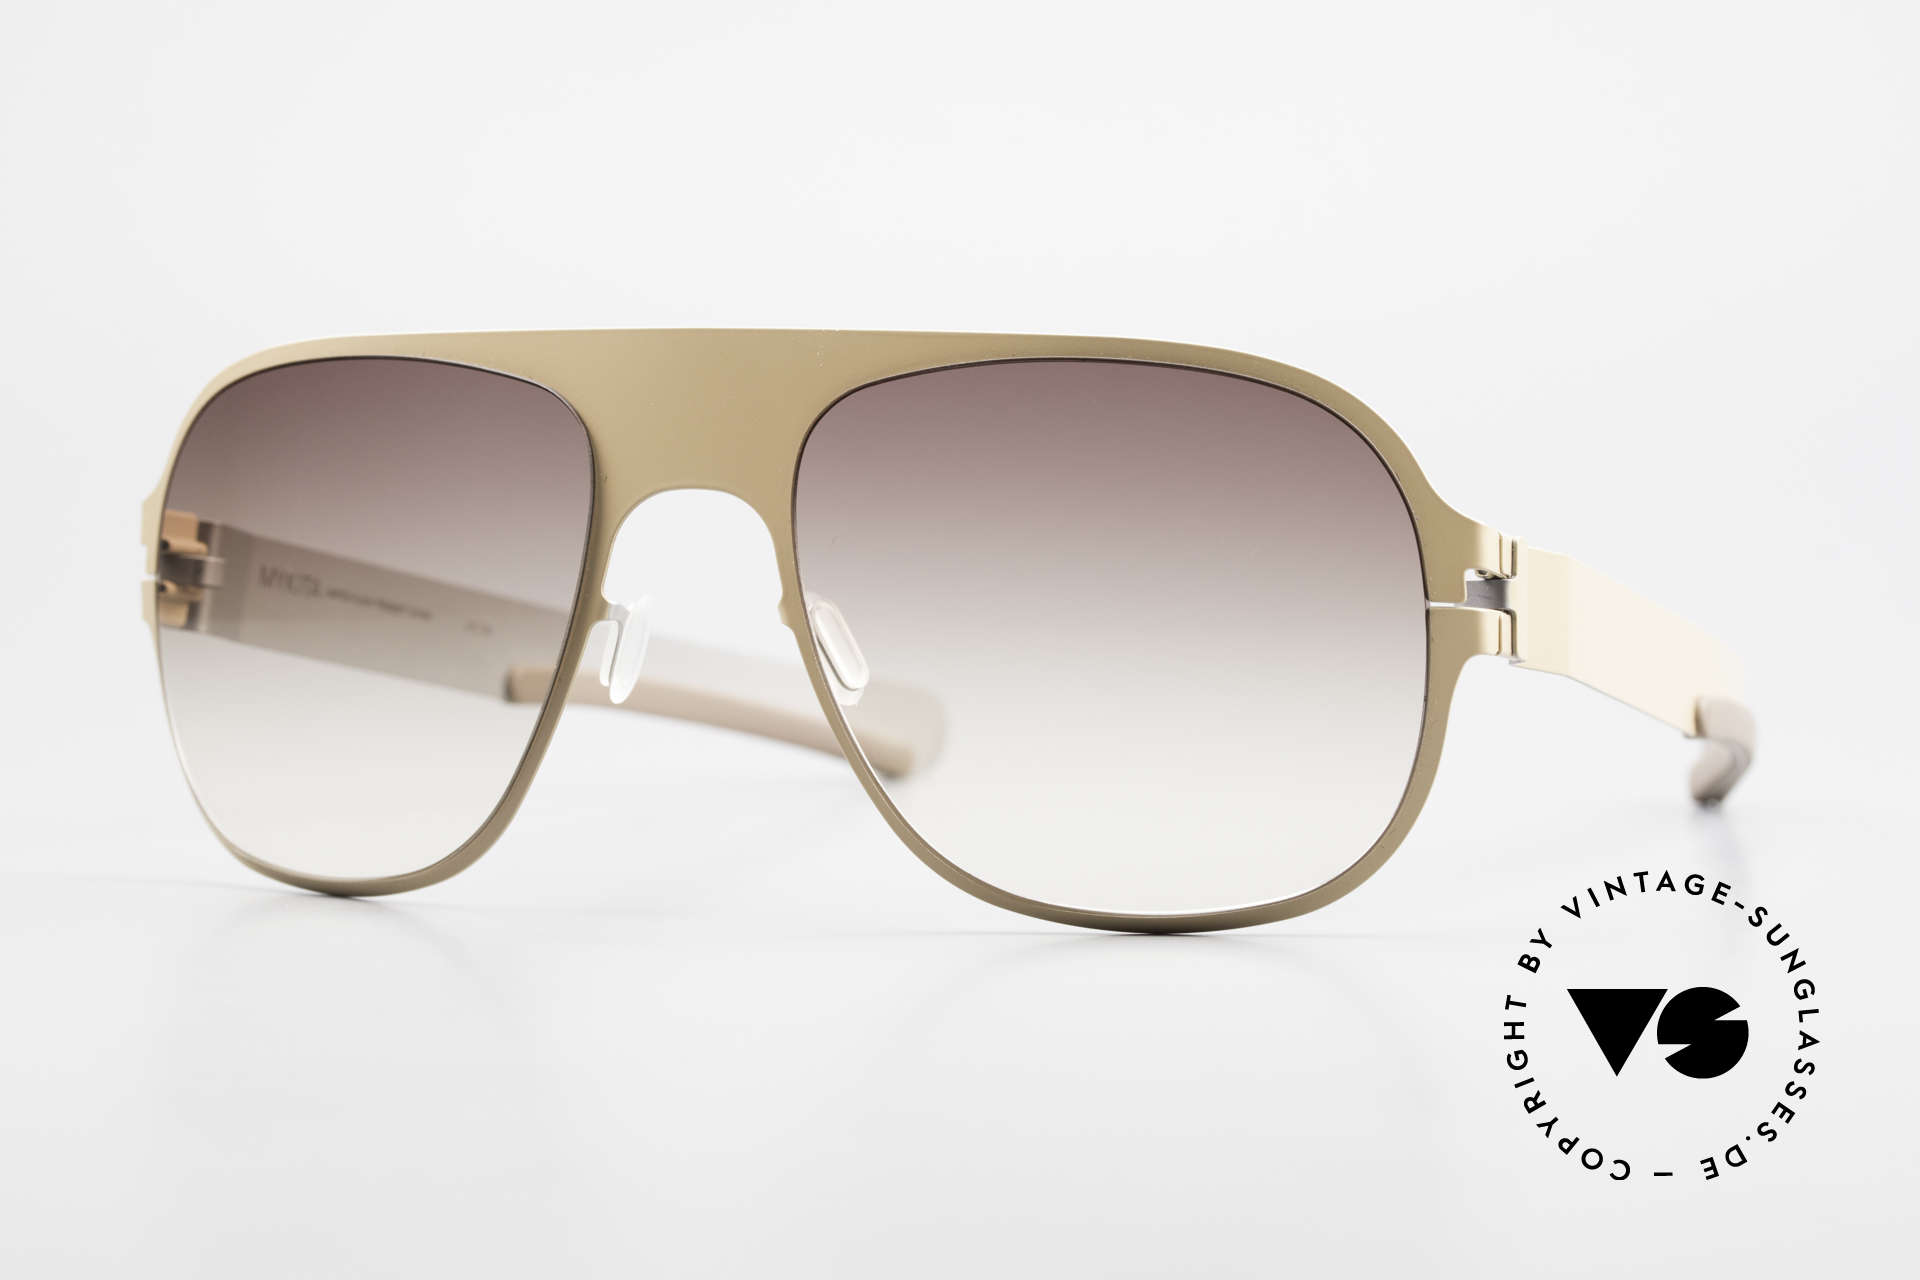 Mykita Rodney Designer Sunglasses Limited, LIMITED vintage Mykita designer sunglasses from 2011, Made for Men